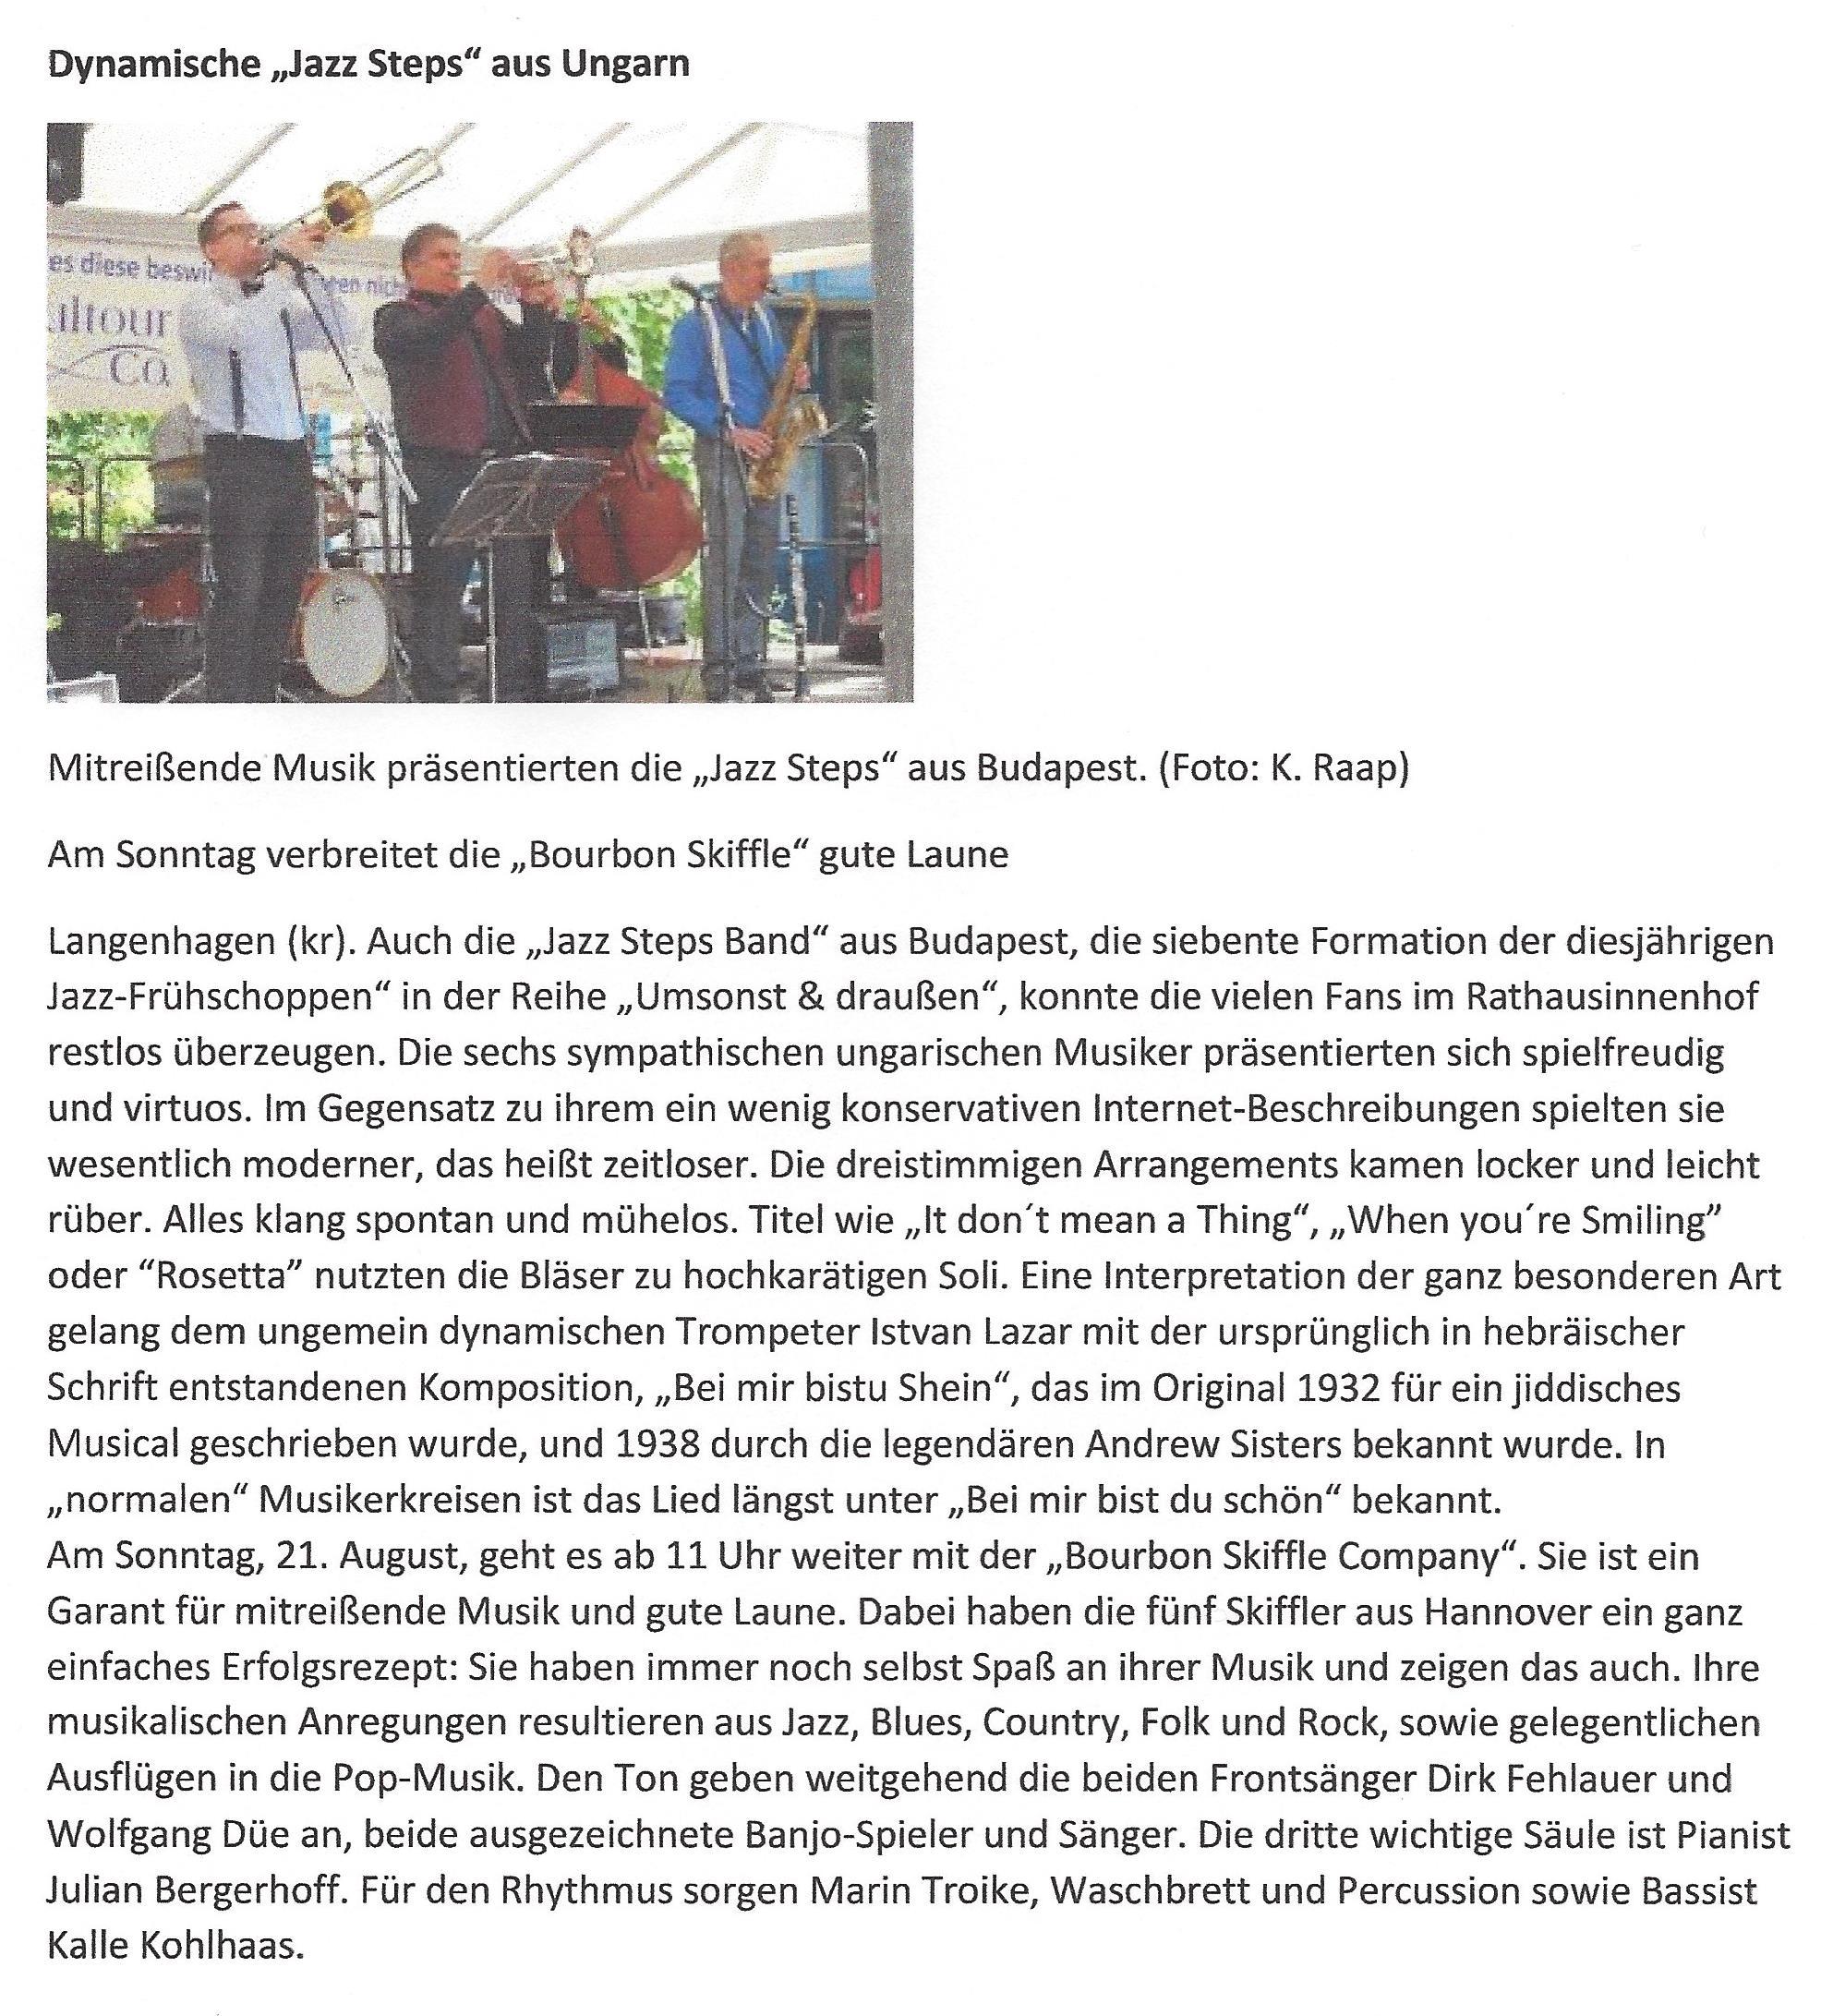 Dynamische JazzSteps aus Ungarn